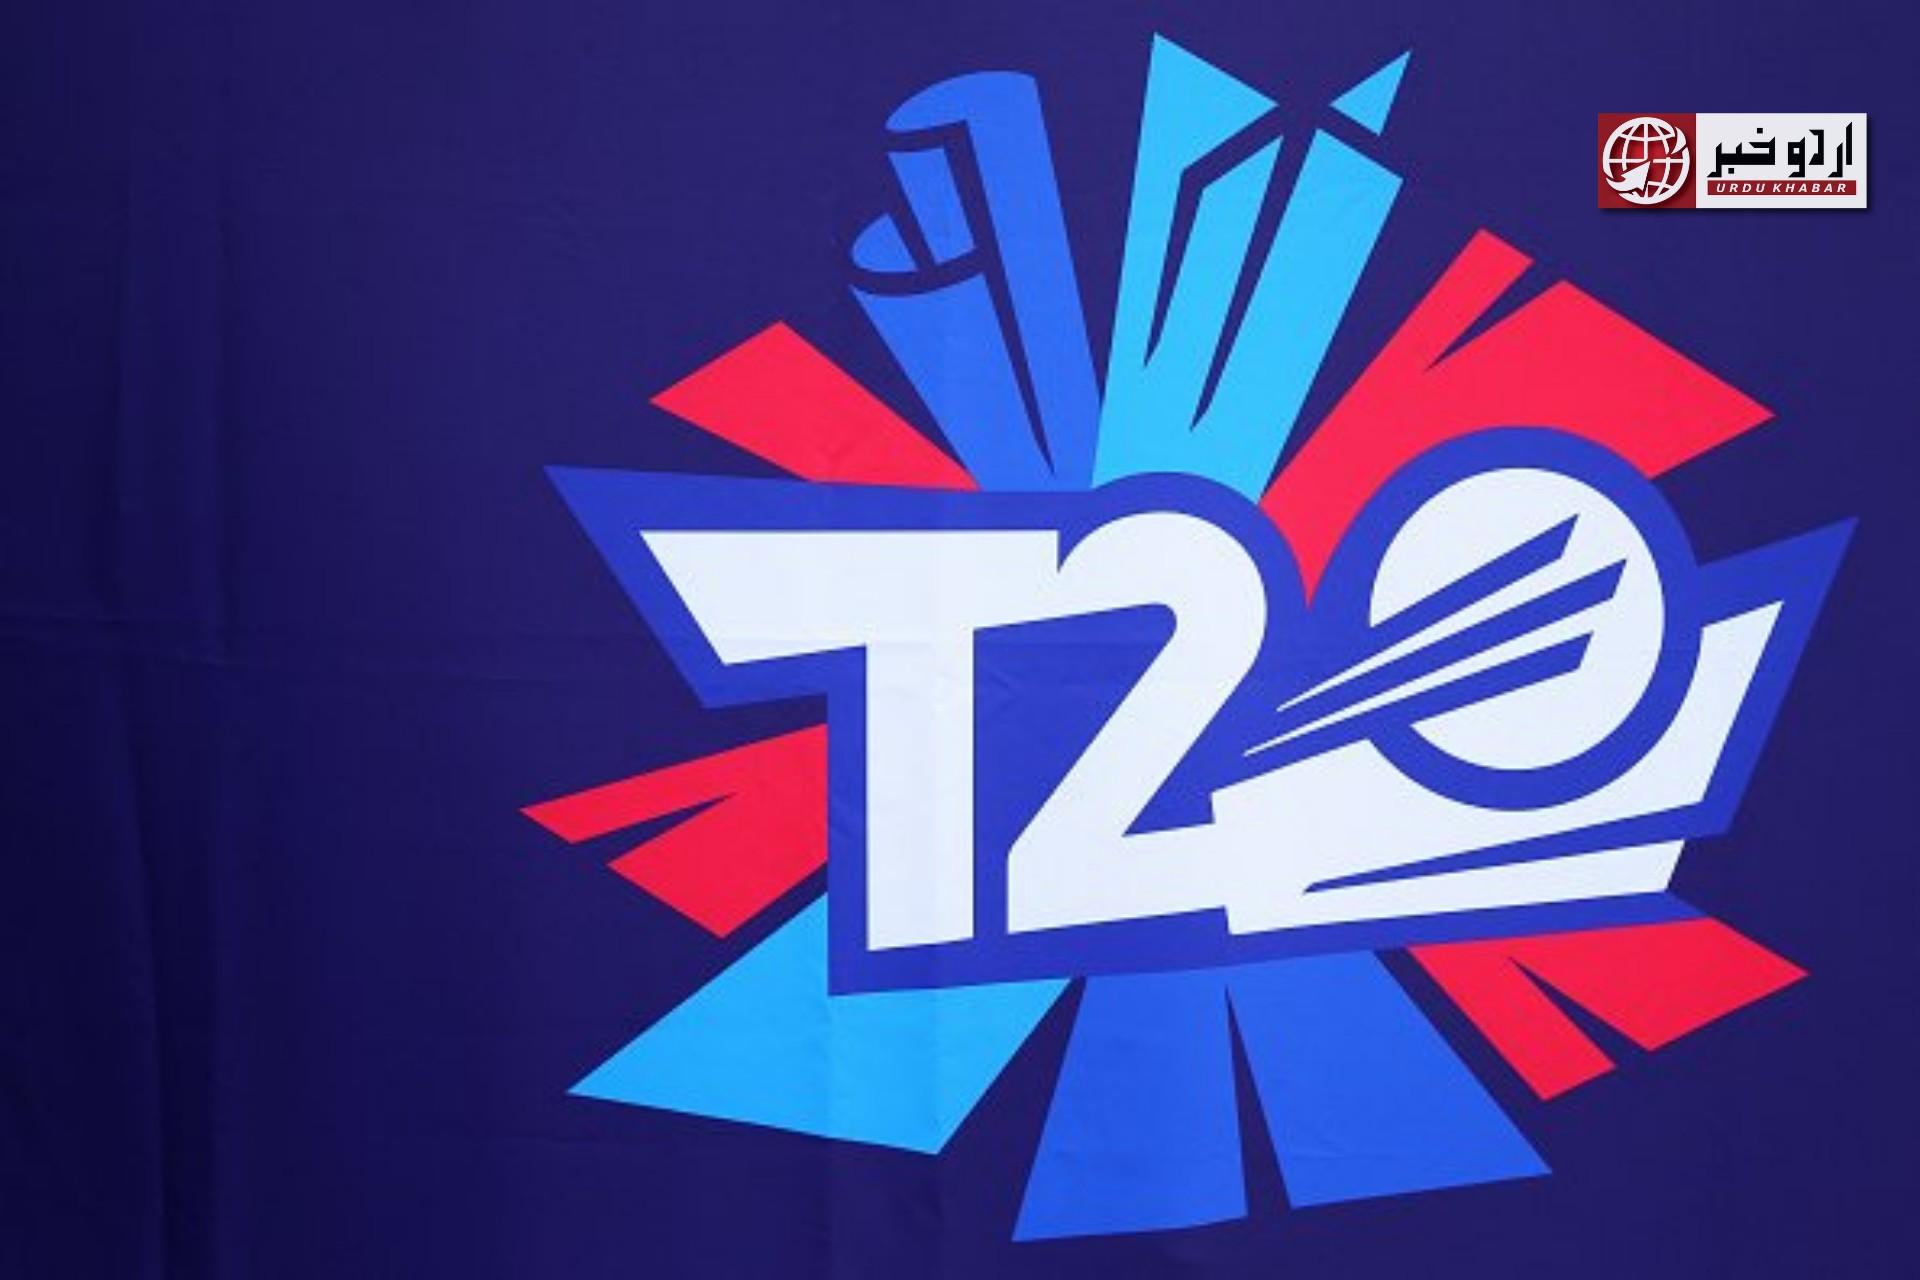 ورلڈ کپ ٹی ٹونٹی ملتوی کر دیا گیا